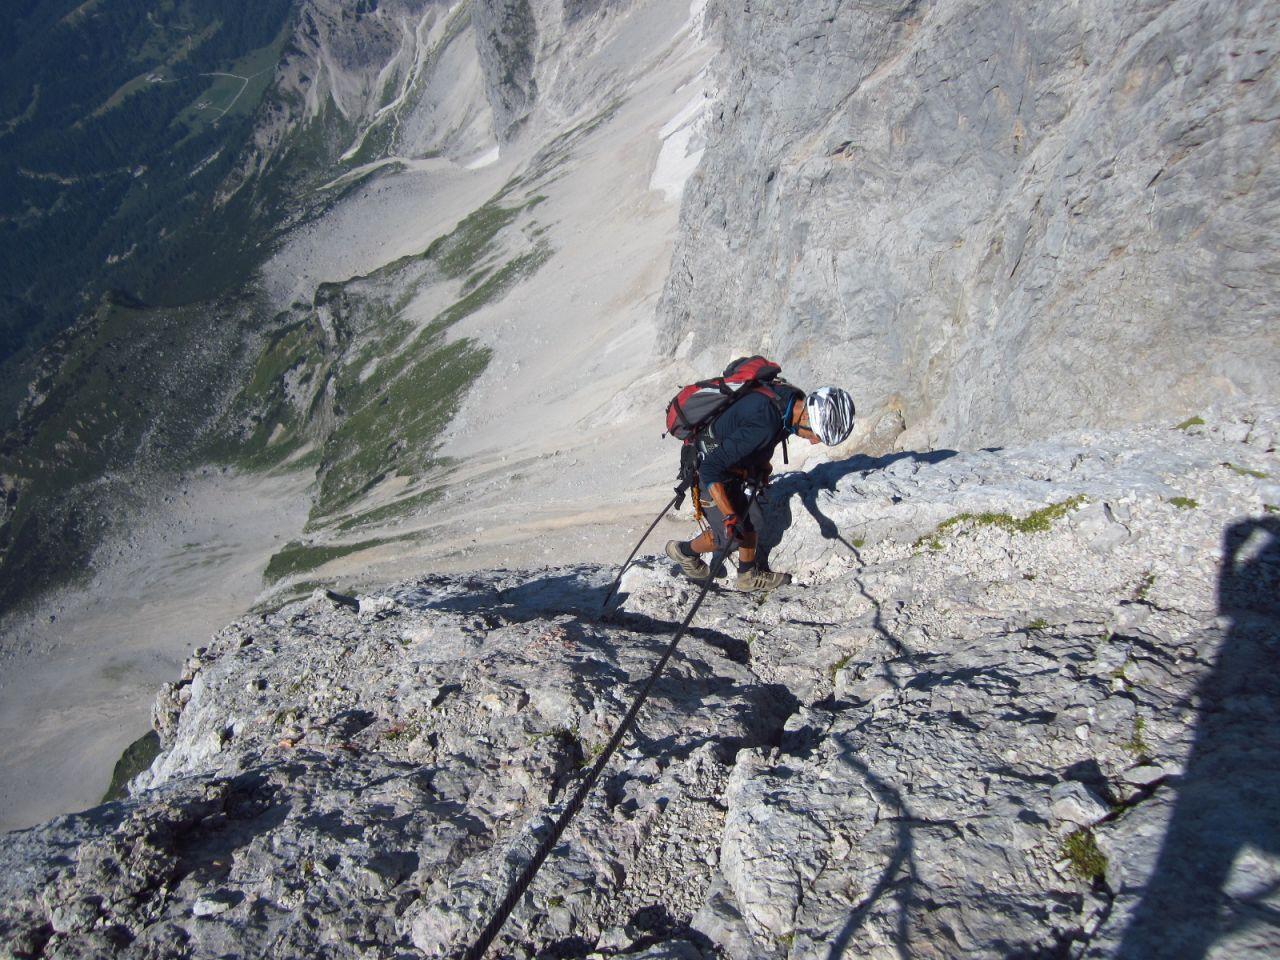 Klettersteig Johann Dachstein : Anna erzherzog johann dachstein: drei klettersteige führen auf